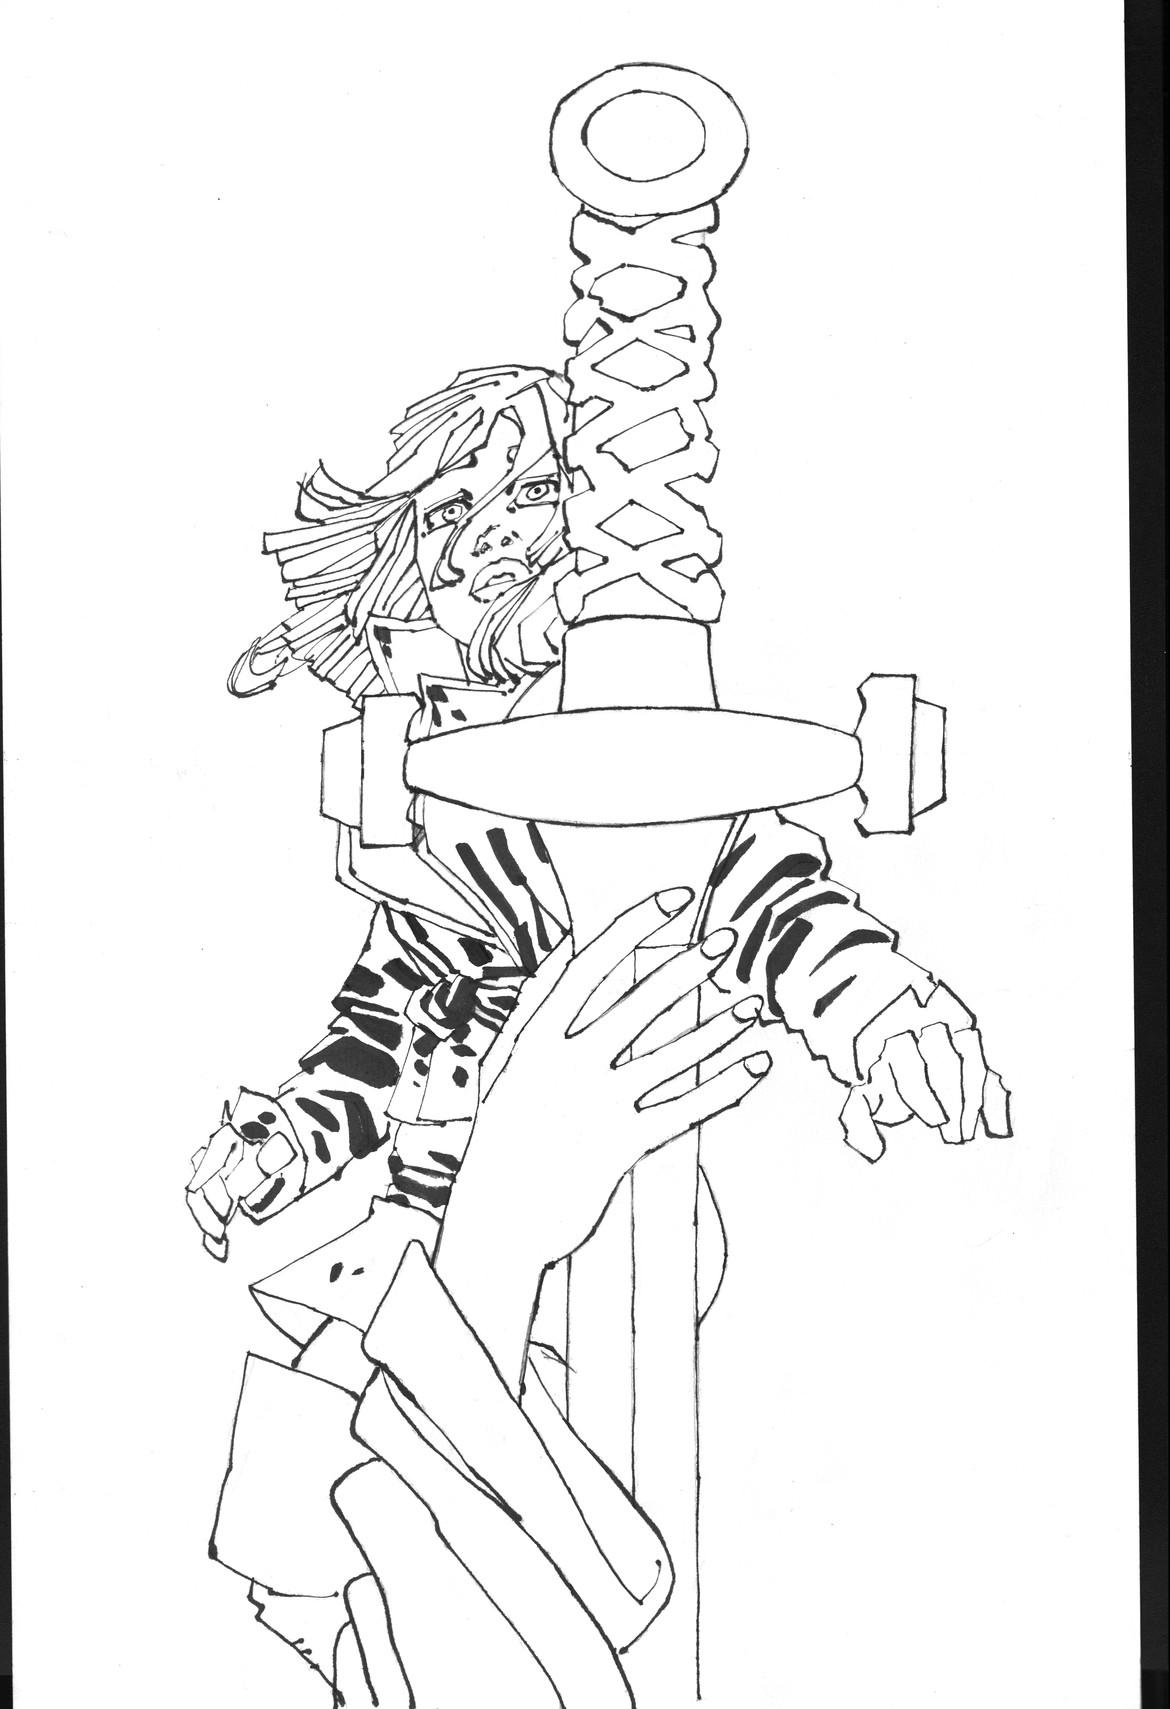 CURSED illustration by Frank Miller